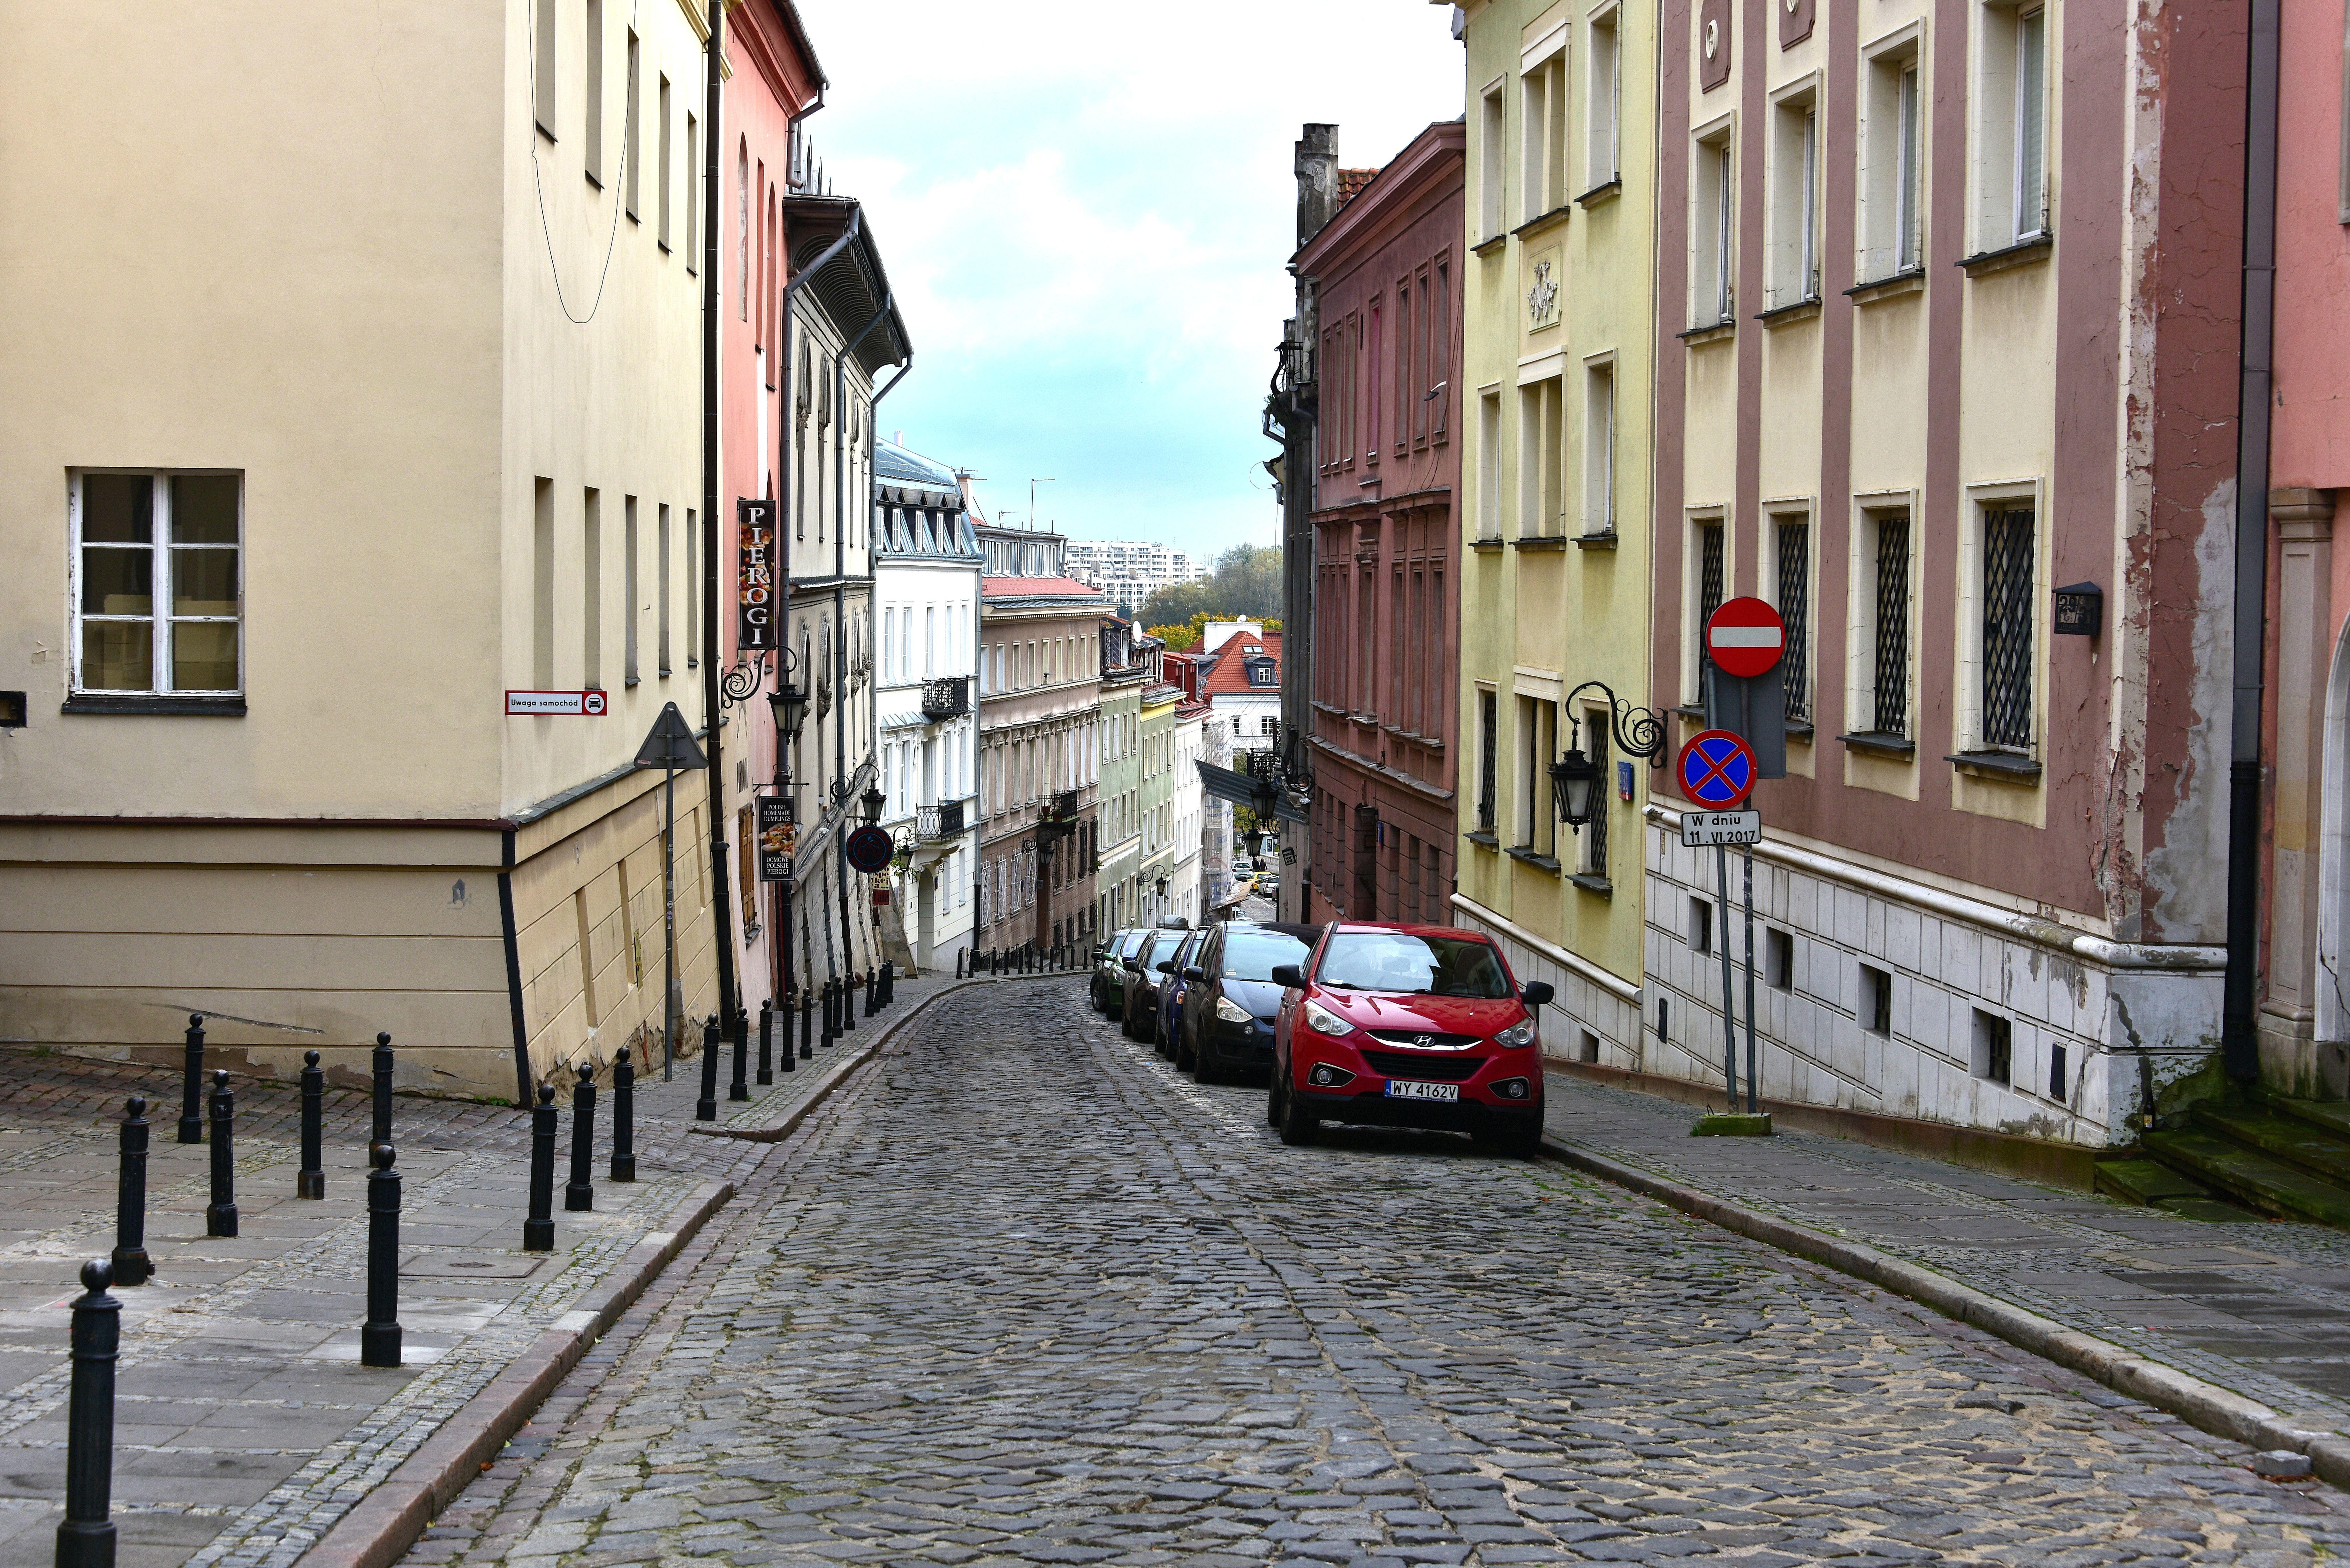 Ulica Bednarska w Warszawie 2017